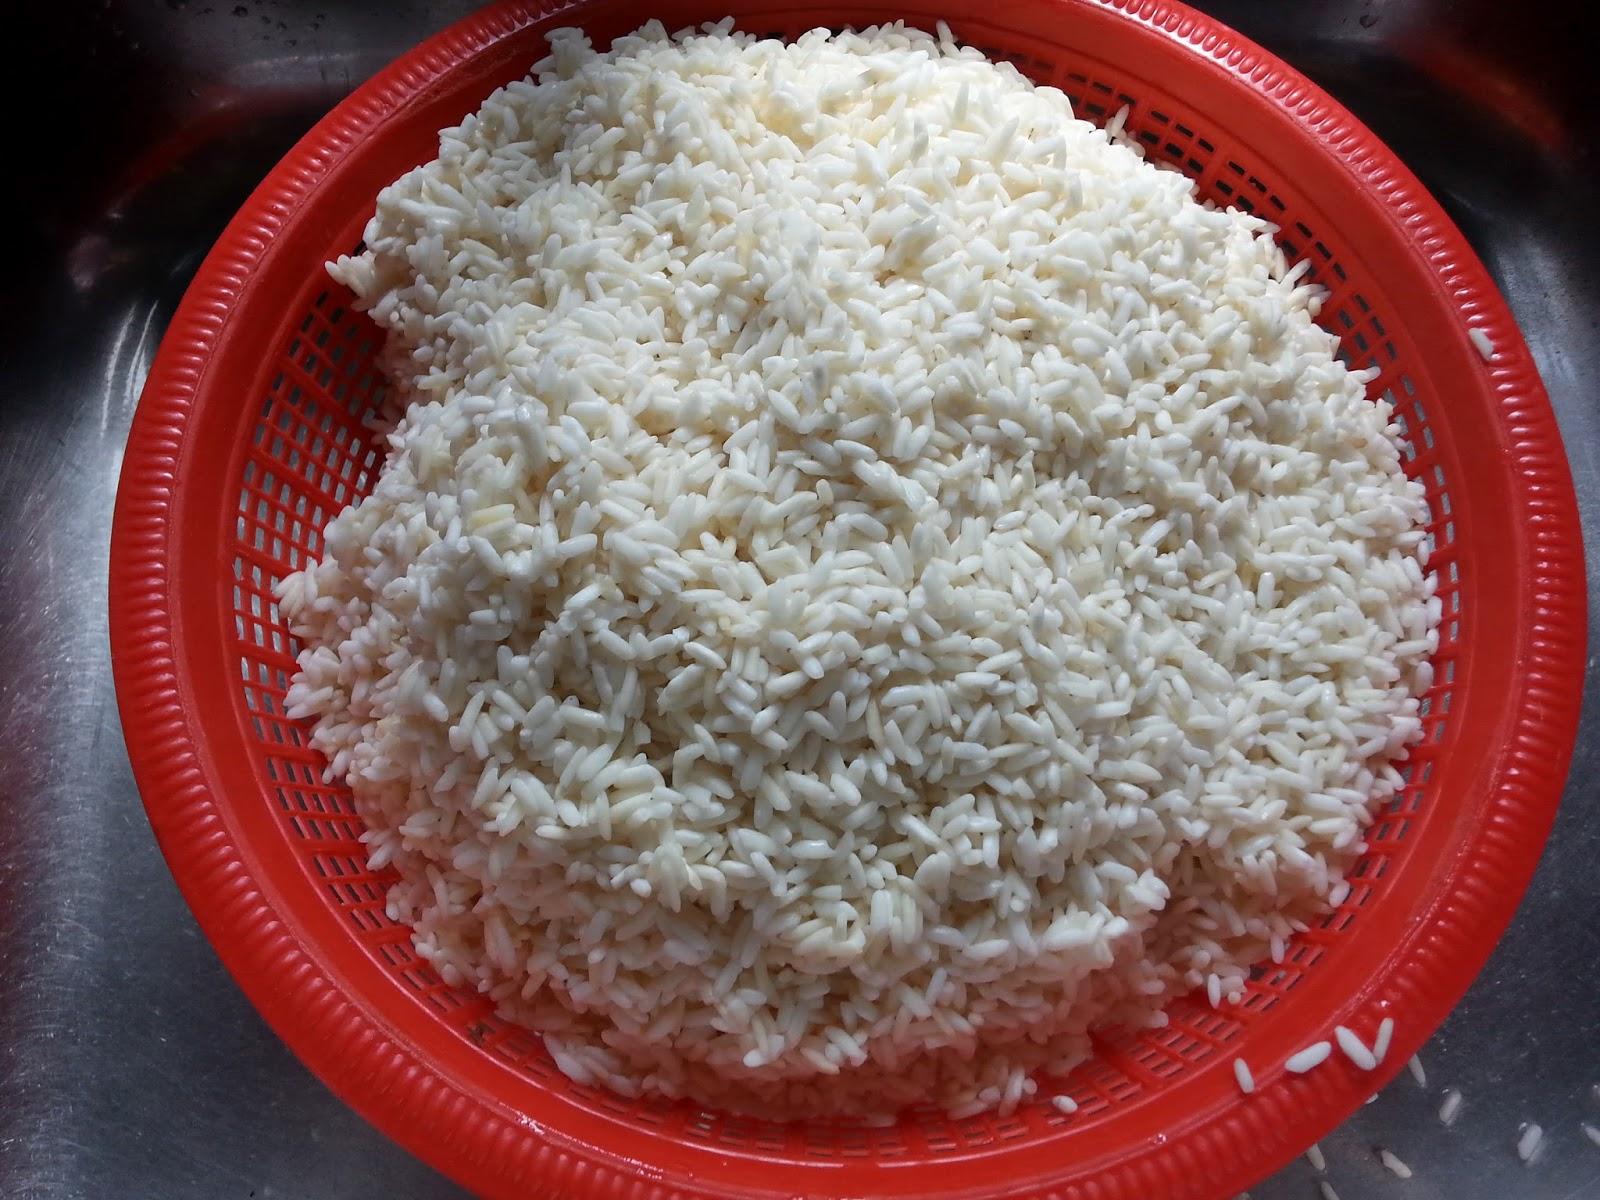 Resepi pulut rice cooker